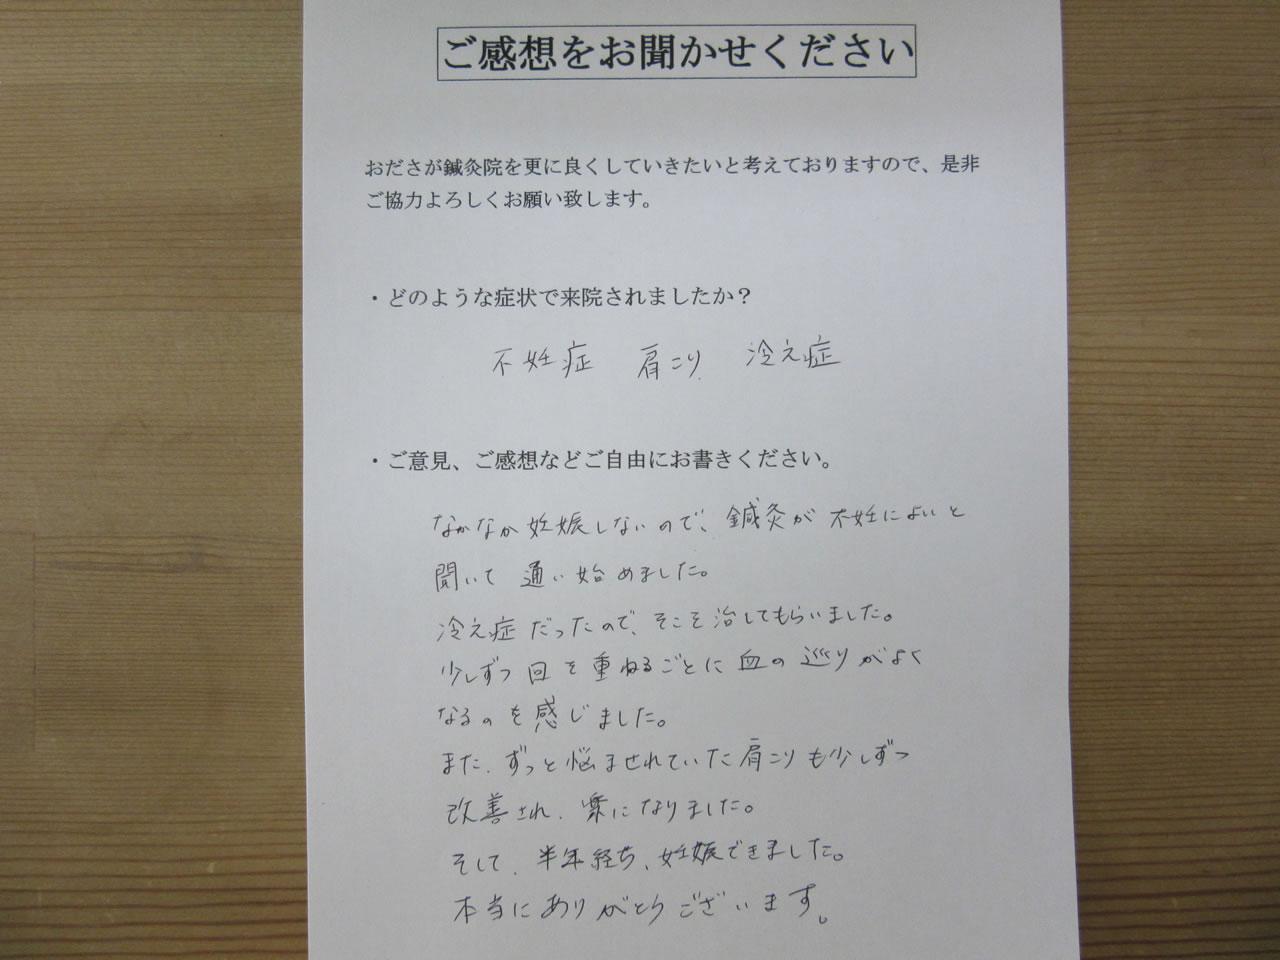 患者からの 手書き手紙 小学校教諭 不妊症、肩こり、冷え性